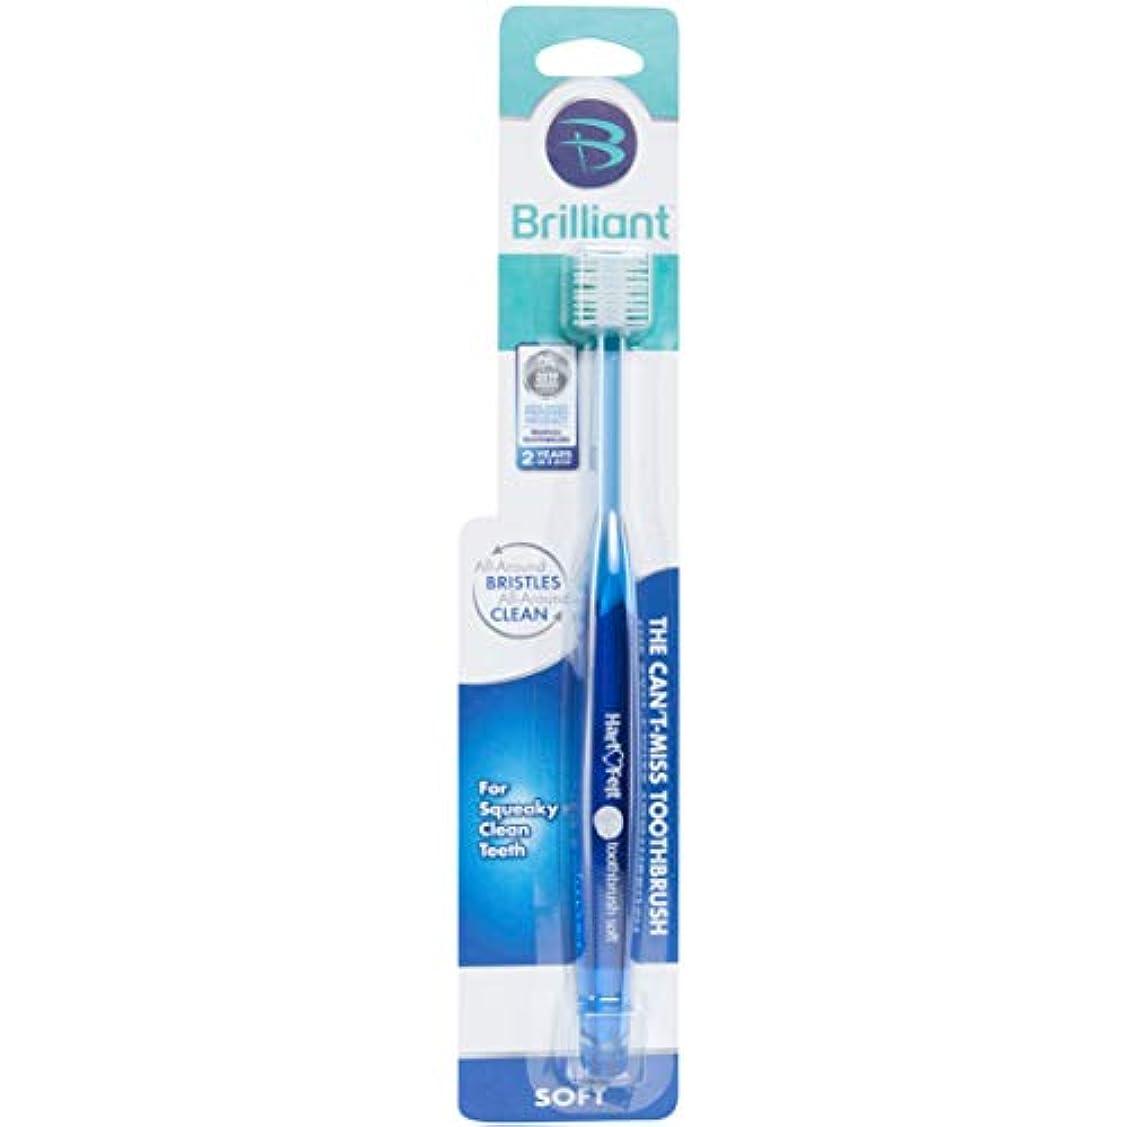 プーノ偽善者神360度 マイクロファインラウンド歯ブラシ 柔らかい大人用歯ブラシ 丸みを帯びた先端の毛で簡単で効果的なクリーニングを!(カラー ブルー) (1ブラシ)